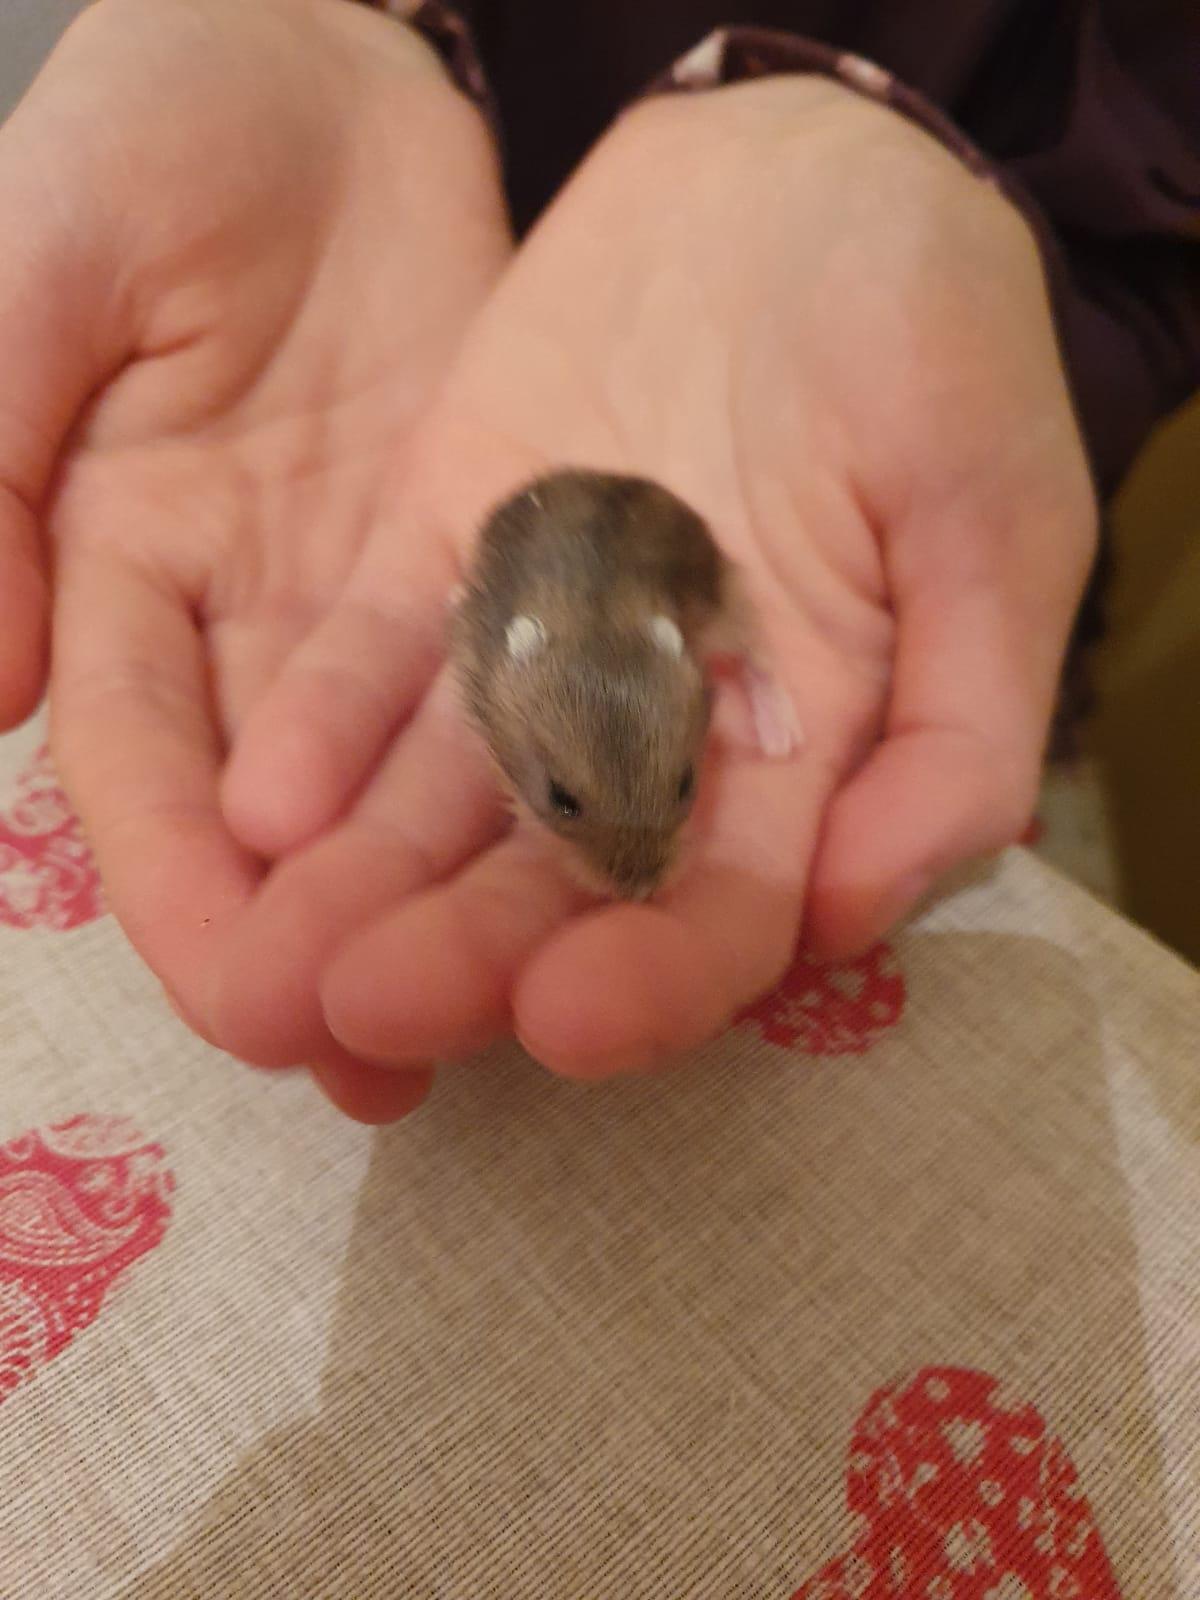 Hamsteri 8 lei